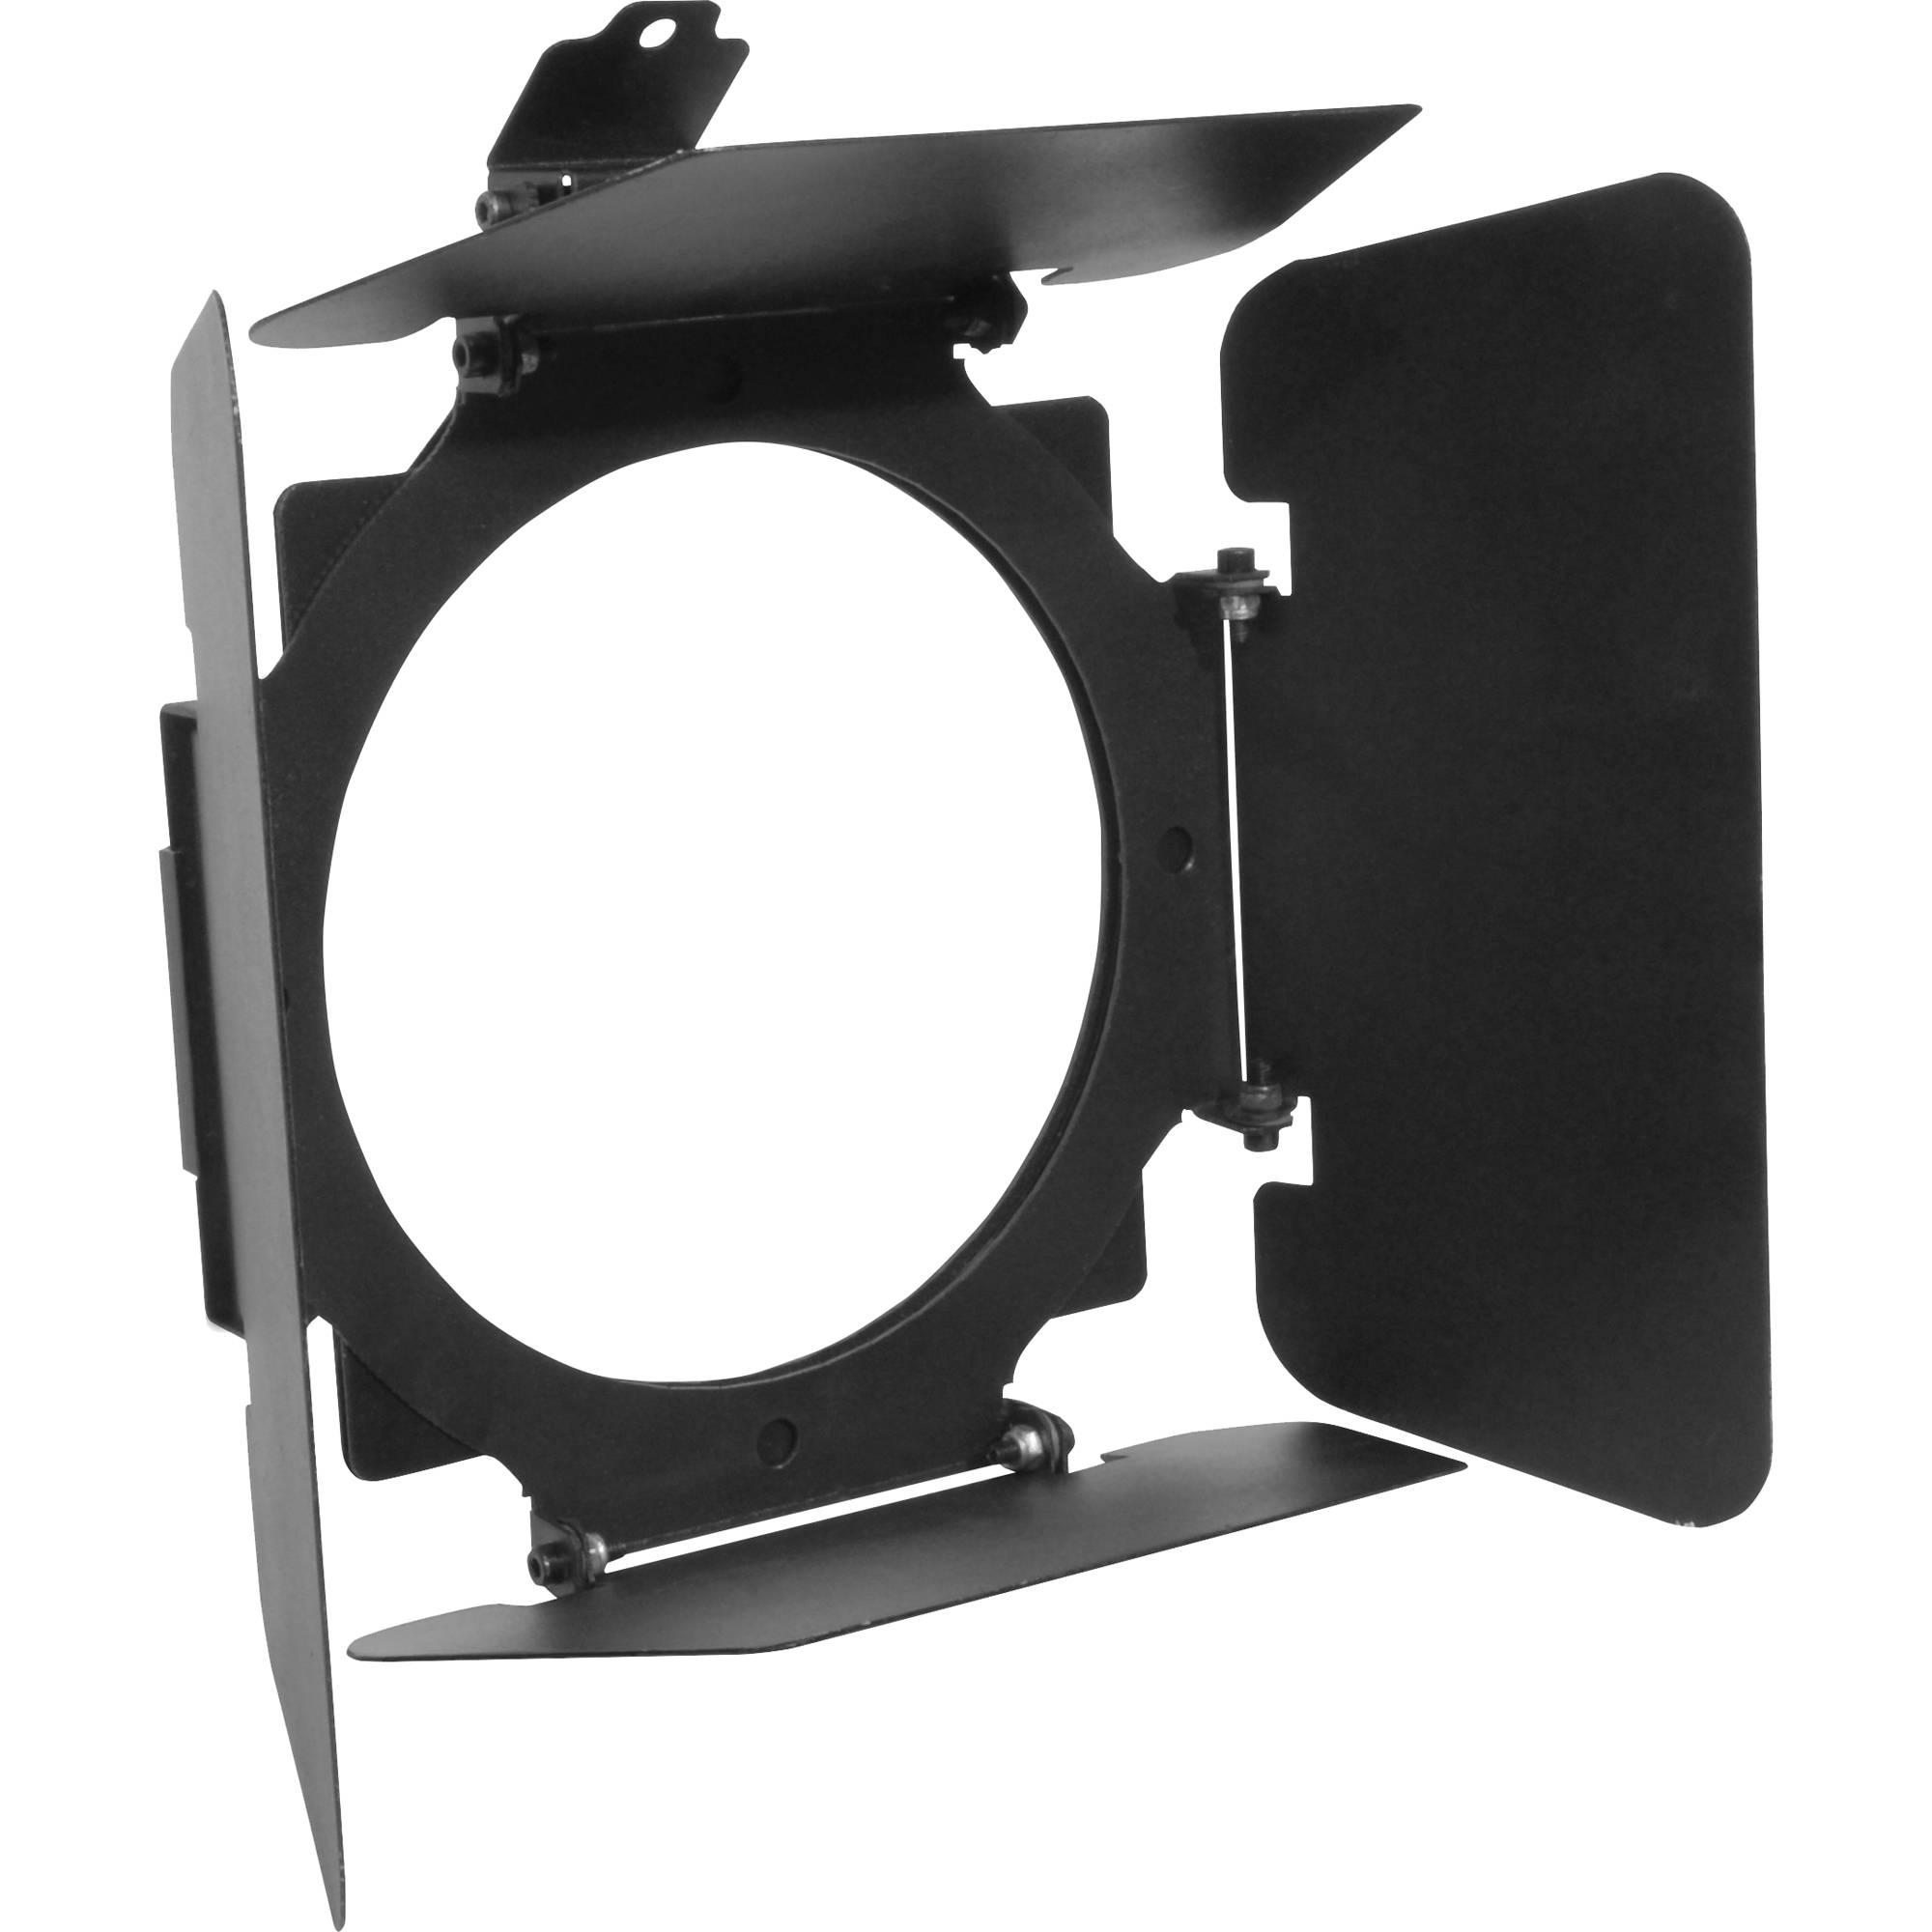 Chauvet Professional Barndoors For Colordash Par 7 Wash Lights